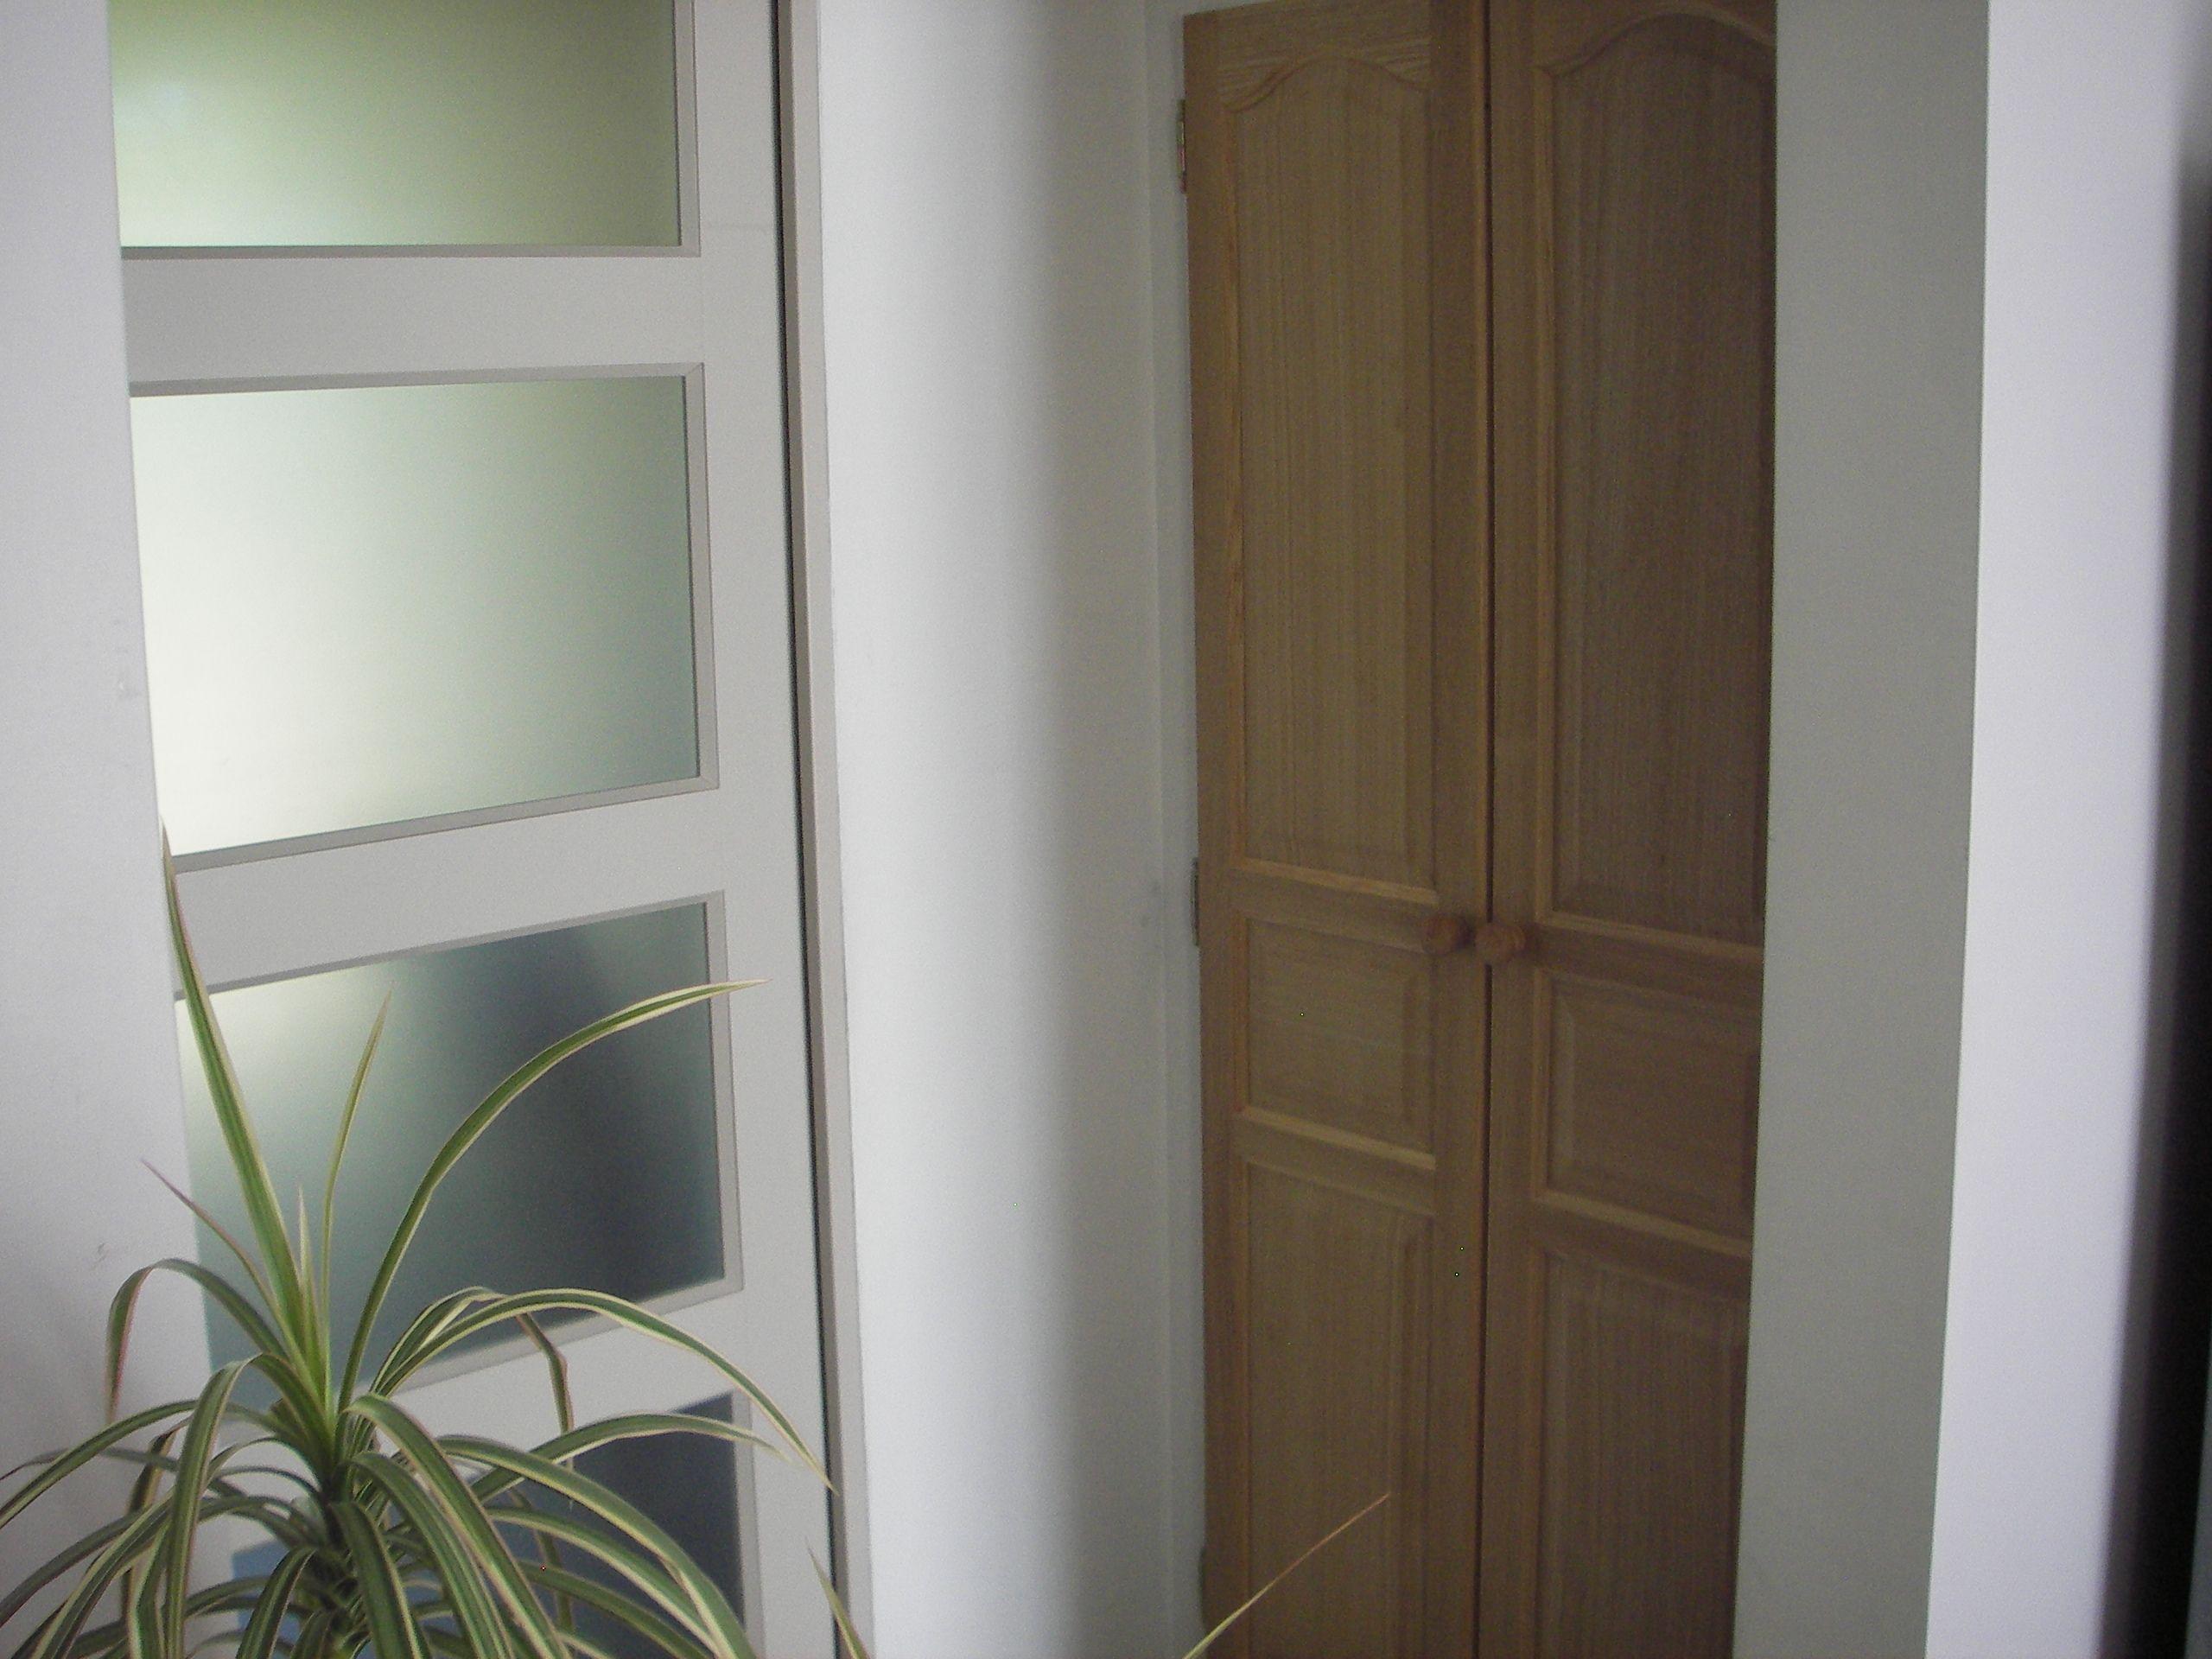 Cuisine-Colocation Artigues-près-Bordeaux MAMANSOLO & Location Chambre à louer Artigues-près-Bordeaux MAMANSOLO | Loue chambre meublée Artigues-près-Bordeaux MAMANSOLO | Logement Artigues-près-Bordeaux MAMANSOLO